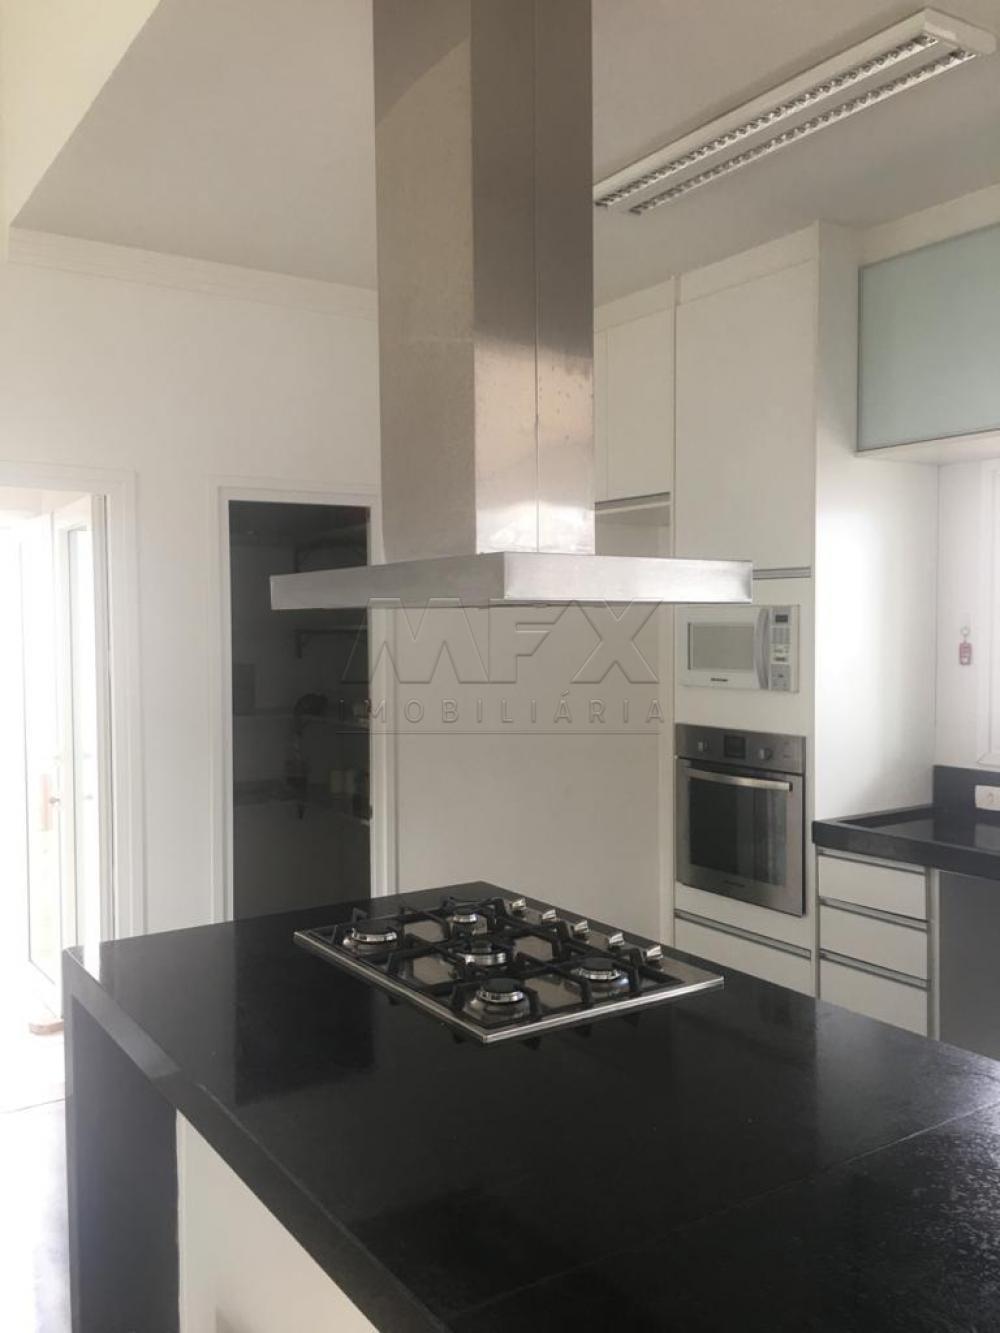 Comprar Casa / Condomínio em Piratininga apenas R$ 850.000,00 - Foto 10